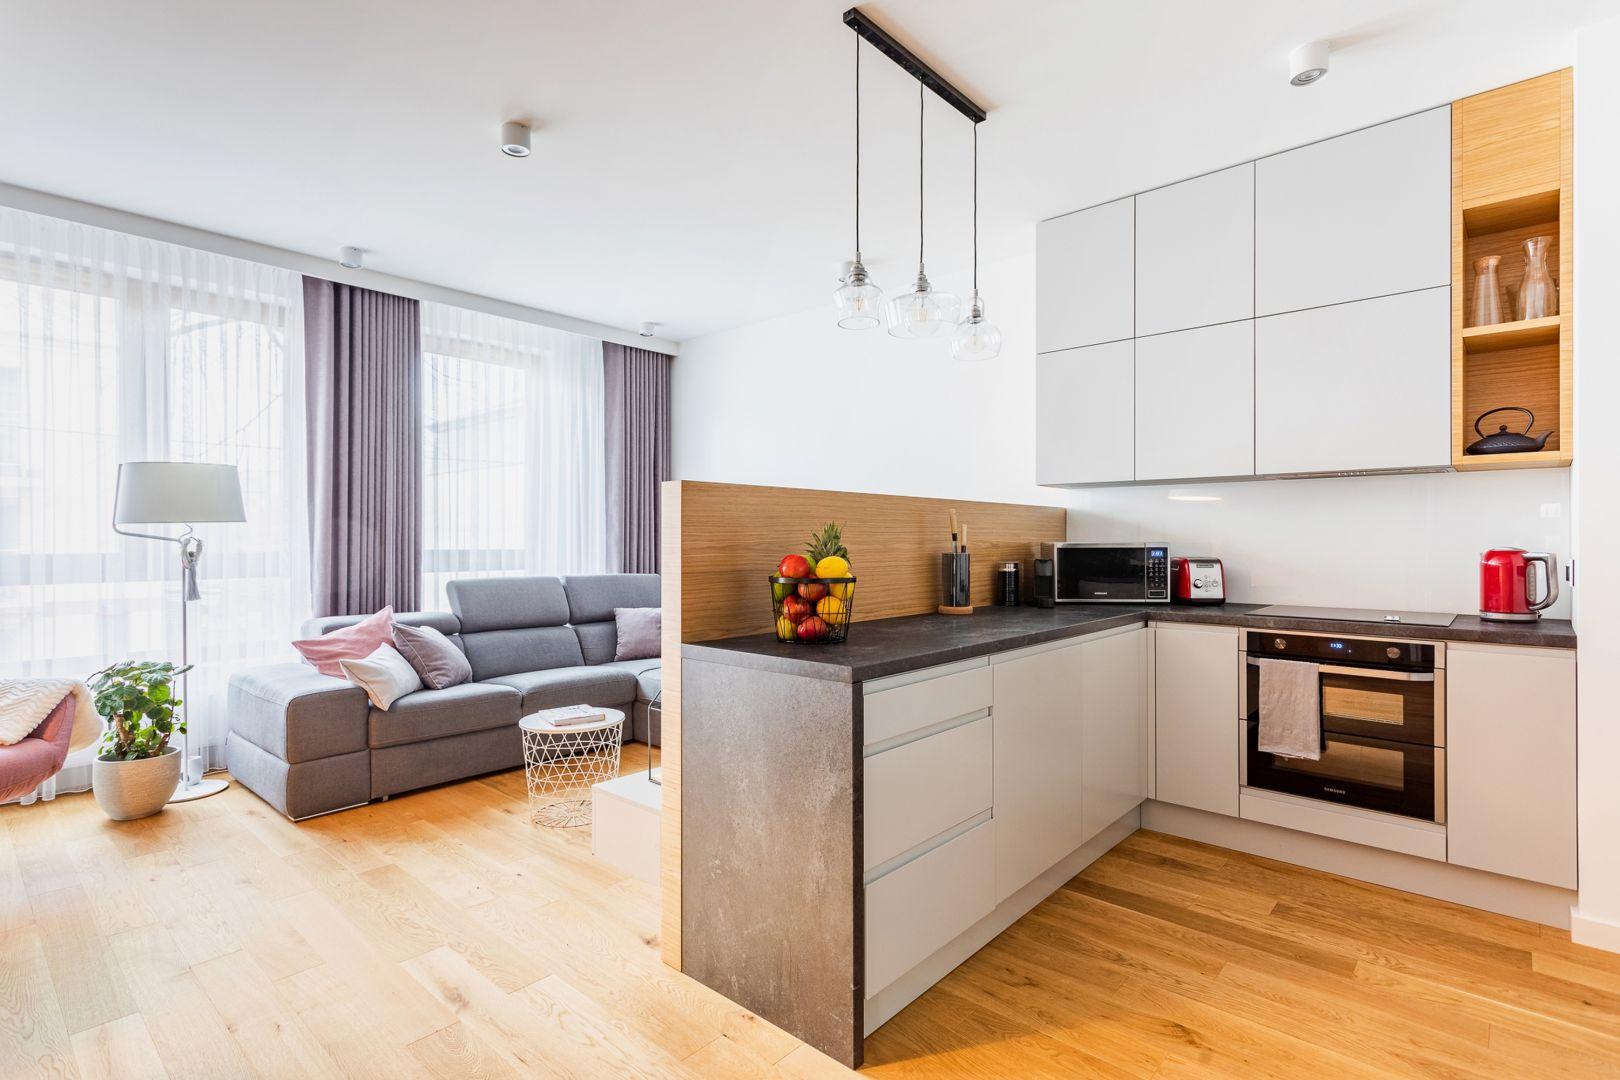 Największym wyzwaniem projektowym było opracowanie układu funkcjonalnego dla przestrzeni otwartej – salon, kuchnia, jadalnia i przedpokój. Projekt Modify. Fot. Michał Młynarczyk